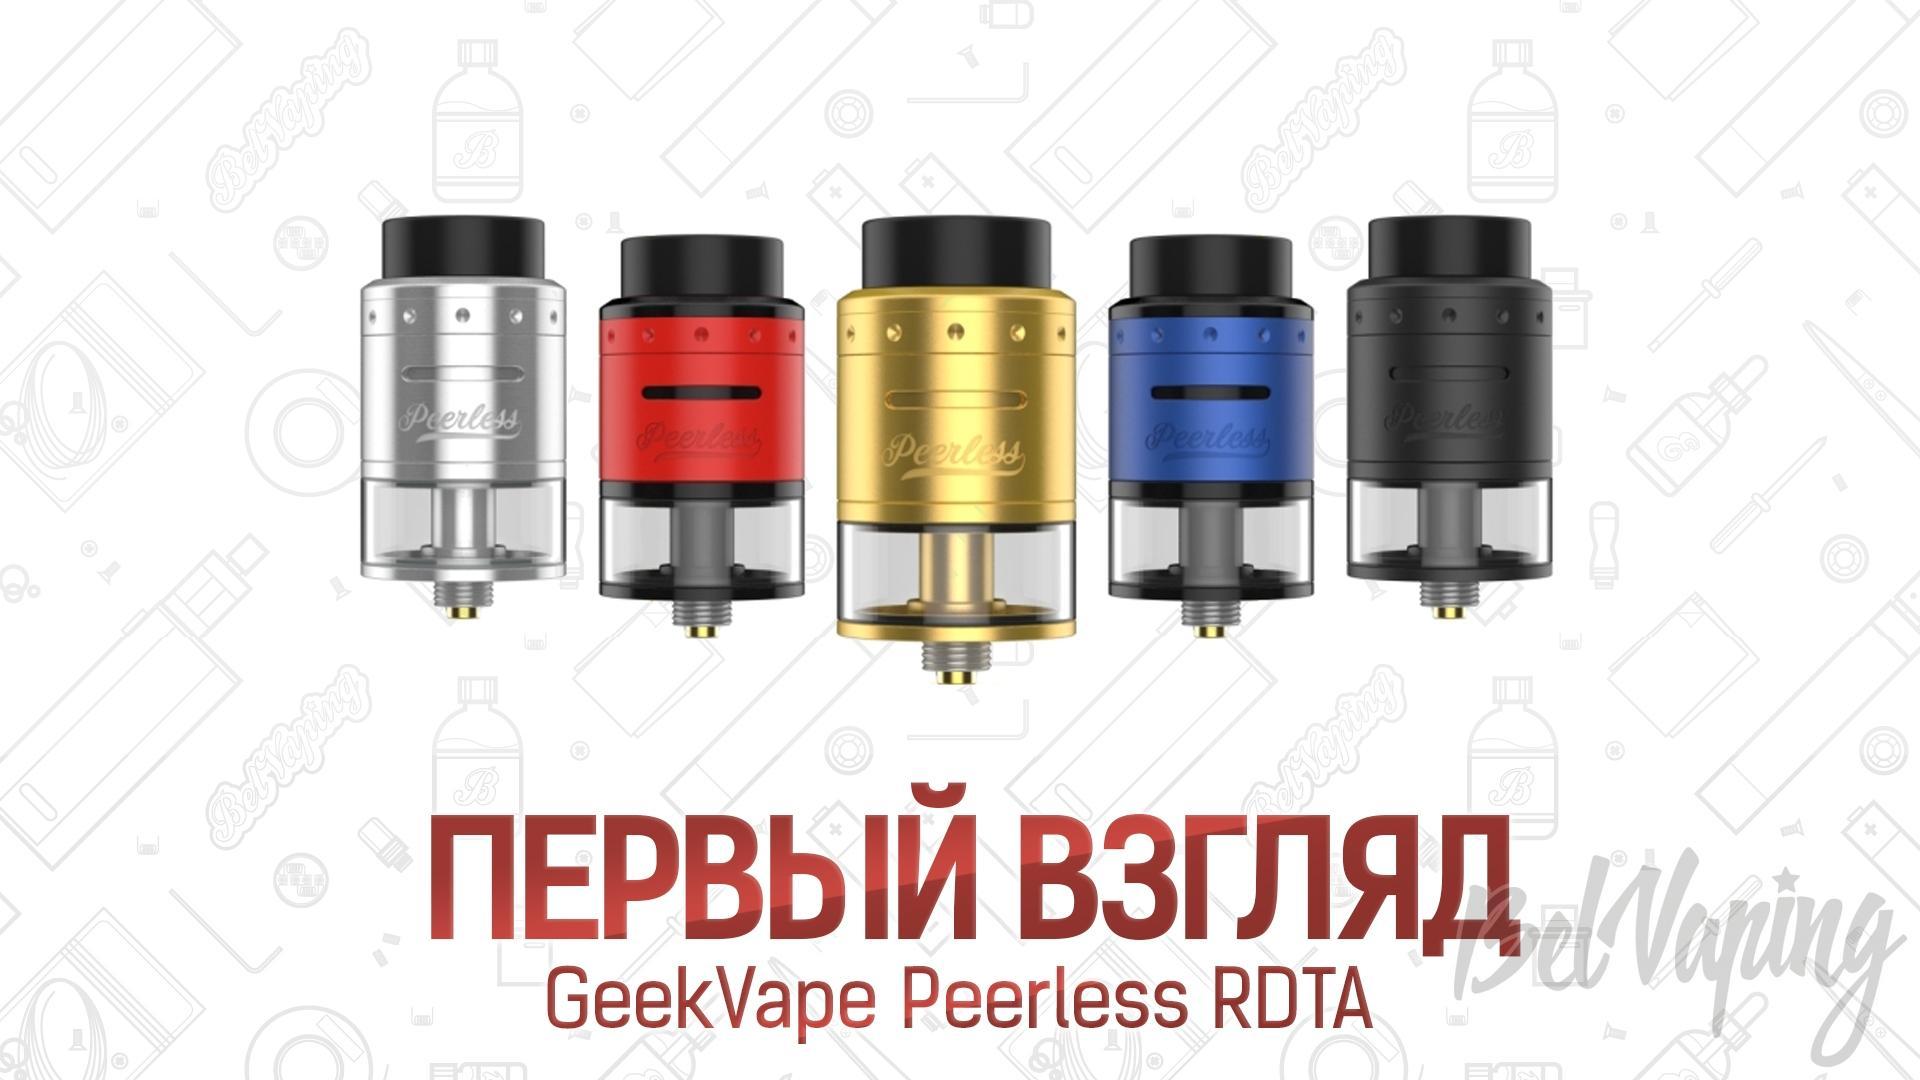 GeekVape Peerless RDTA. Первый взгляд